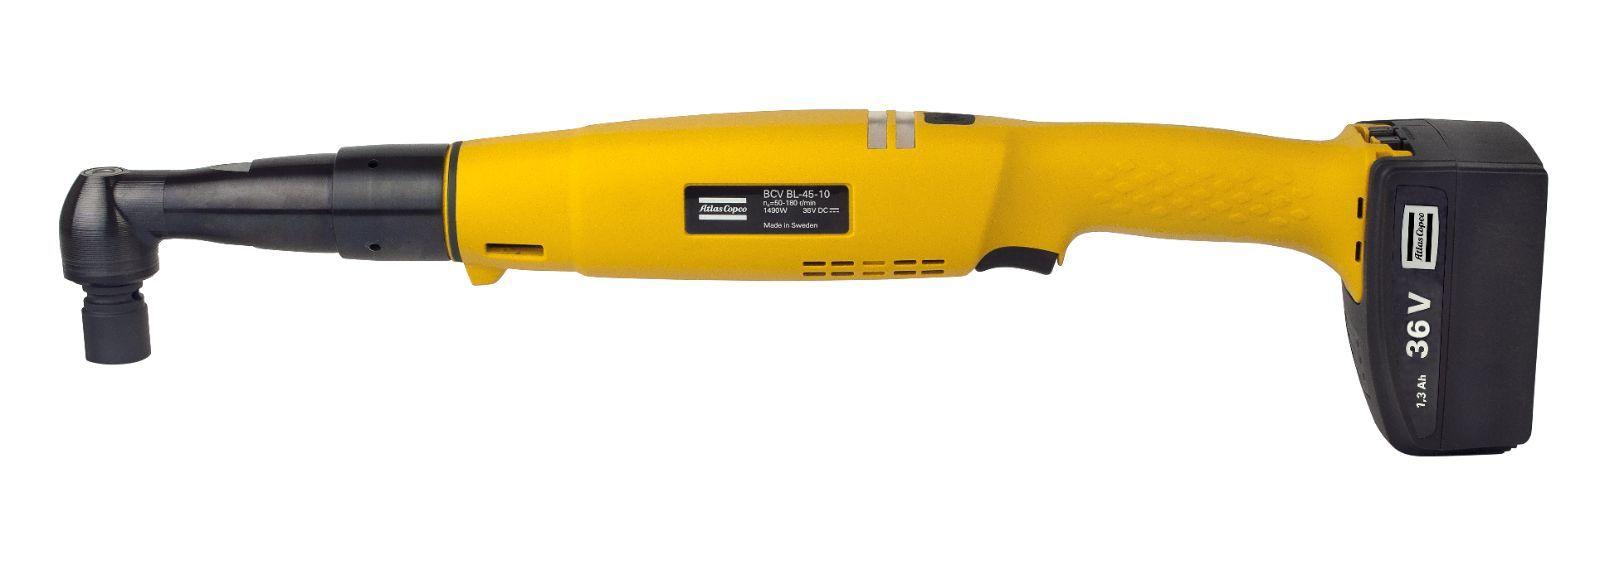 Bateria BCV pistola impacto Atlas Copco